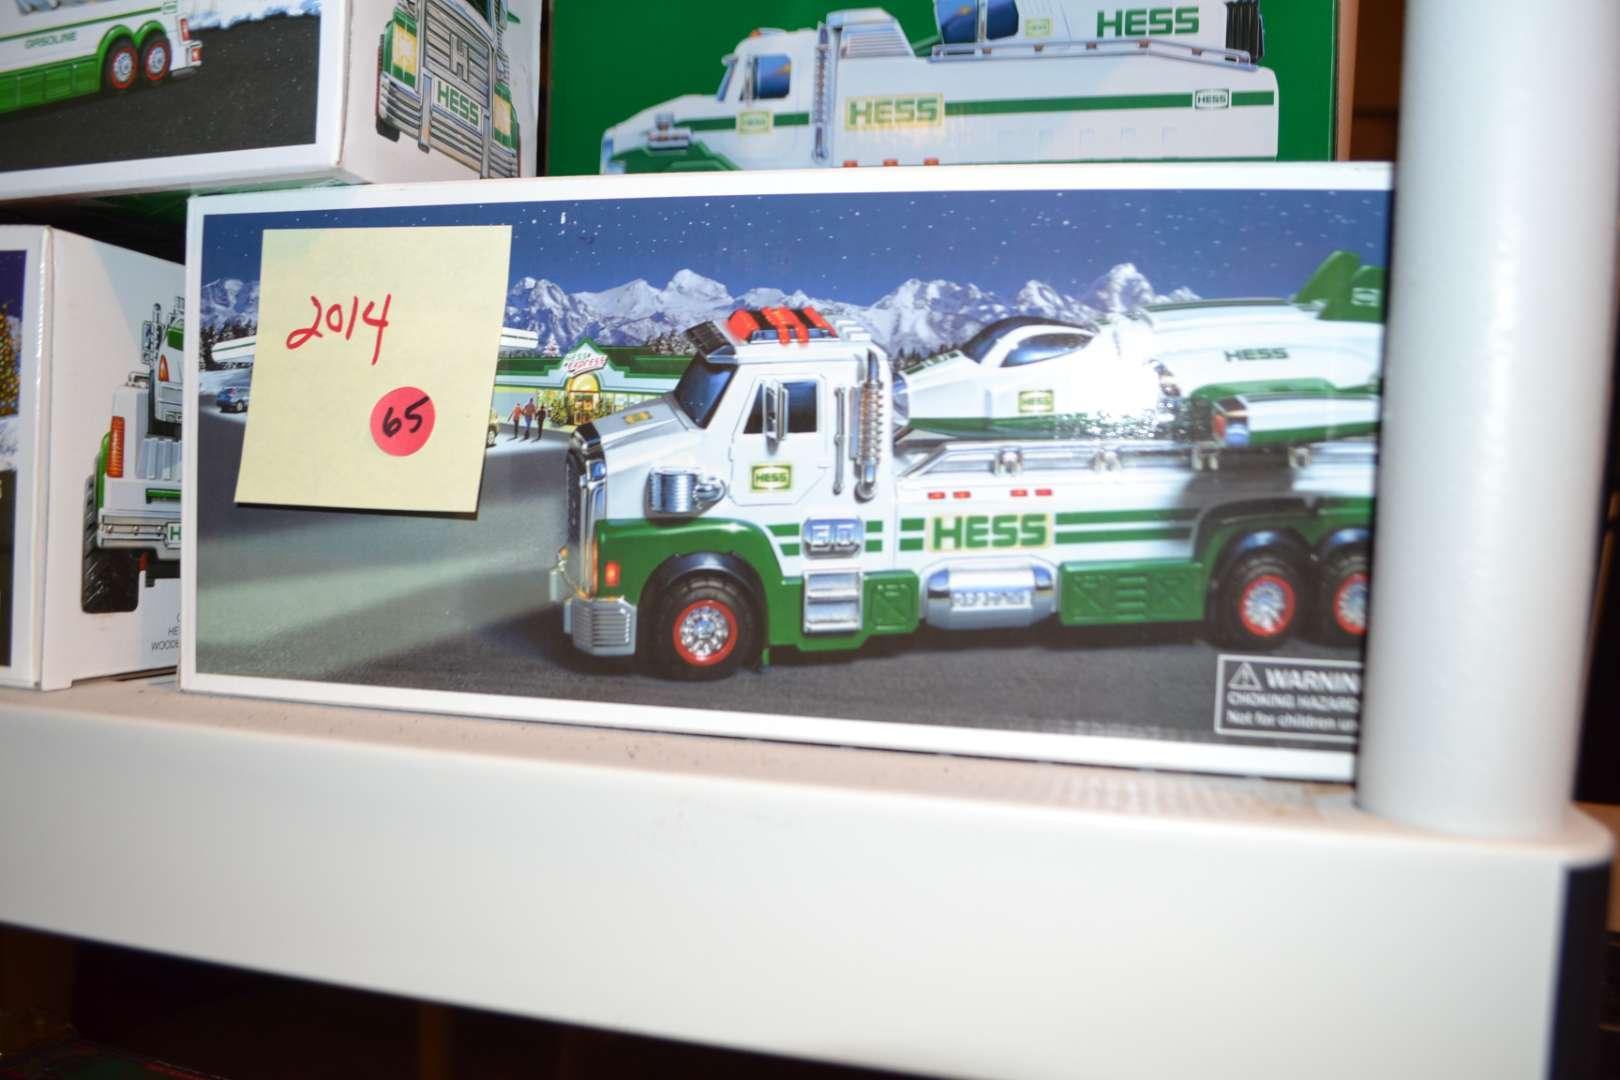 Lot # 65 2014 HESS TRUCK NIB